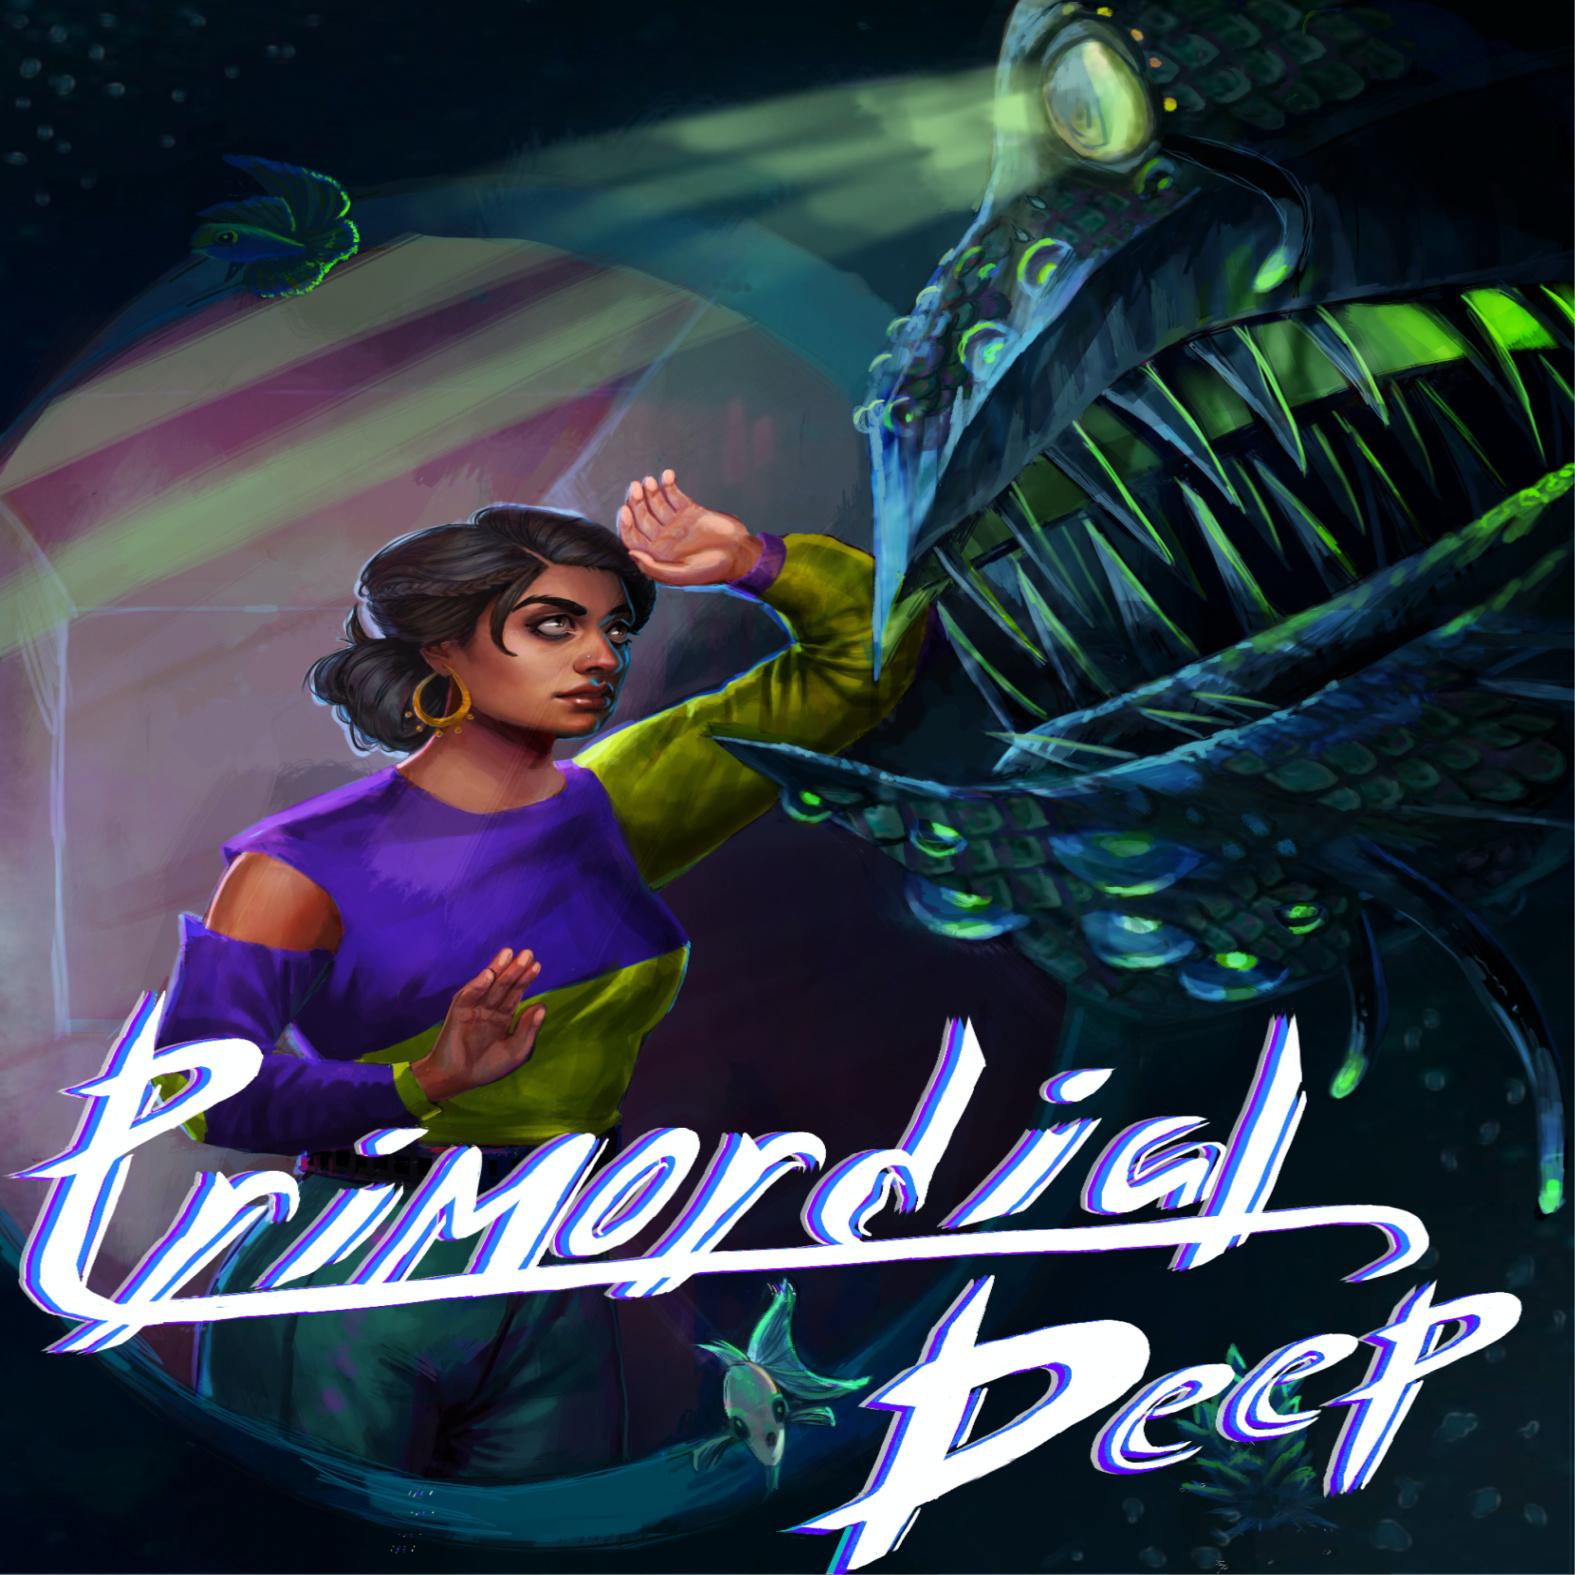 """Kuva, jossa intialaistaustaisen näköinen nainen tuijottaa merihirviötä silmiin. Edessä teksti """"Primordial Deep"""""""